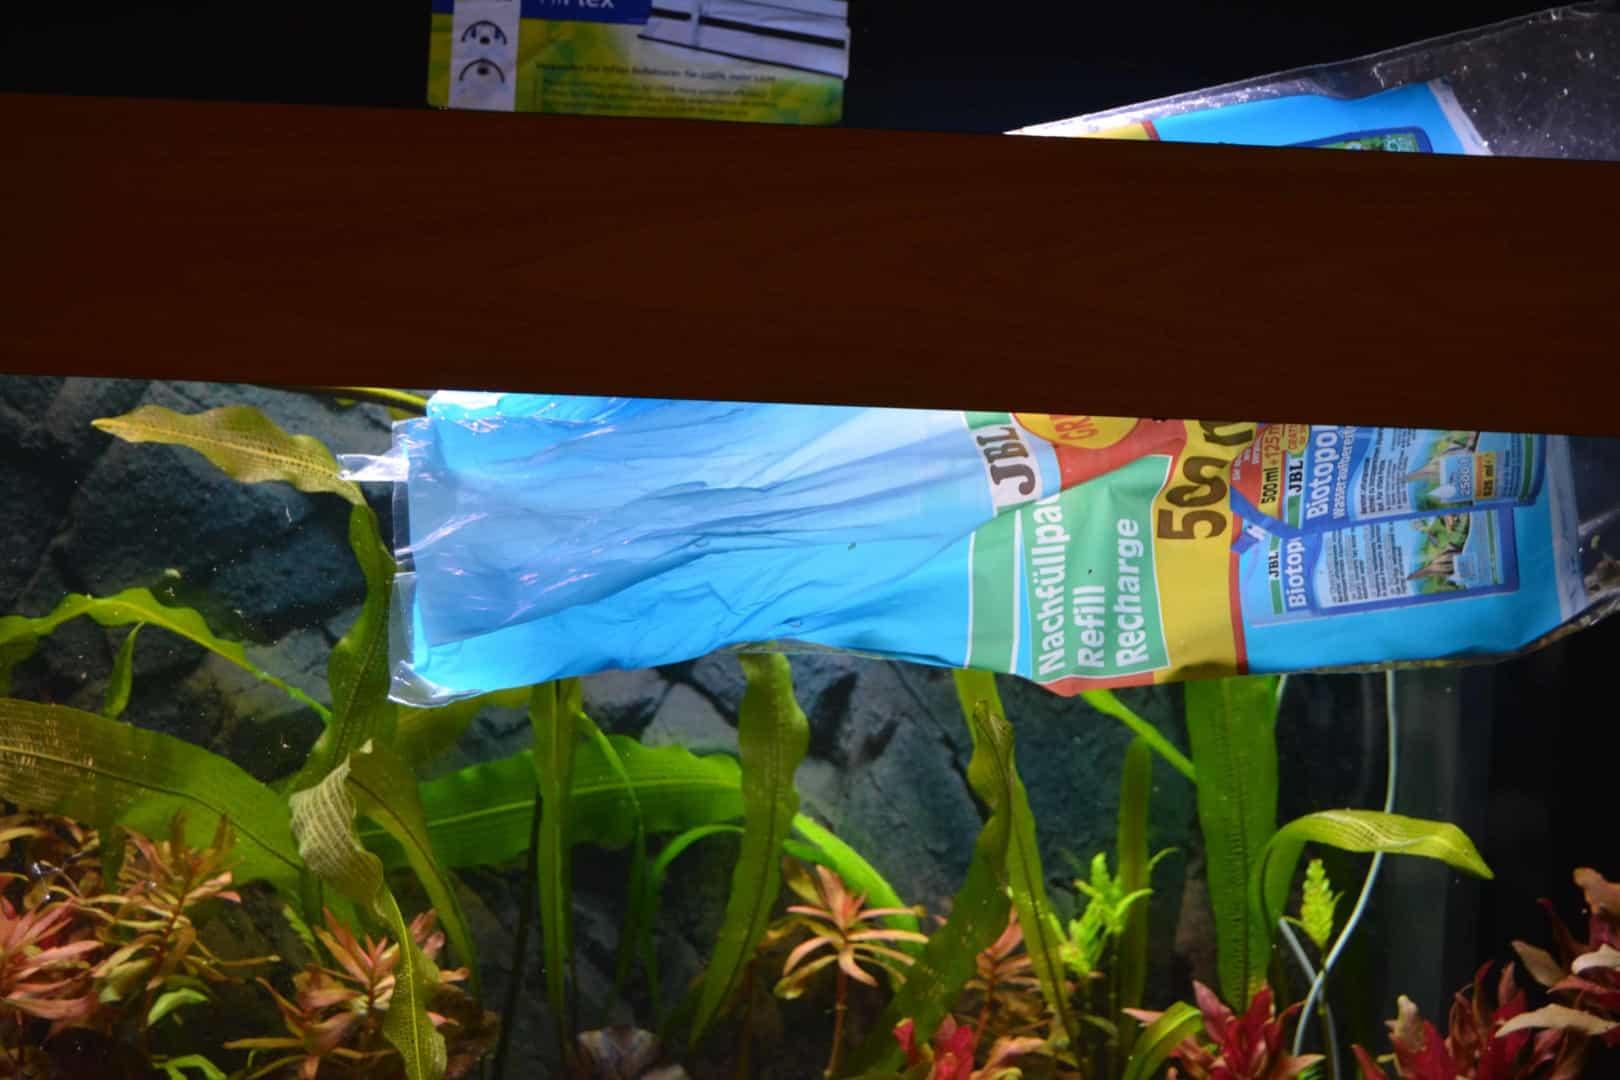 Einzug ins Aquarium: Fische richtig einsetzen 3